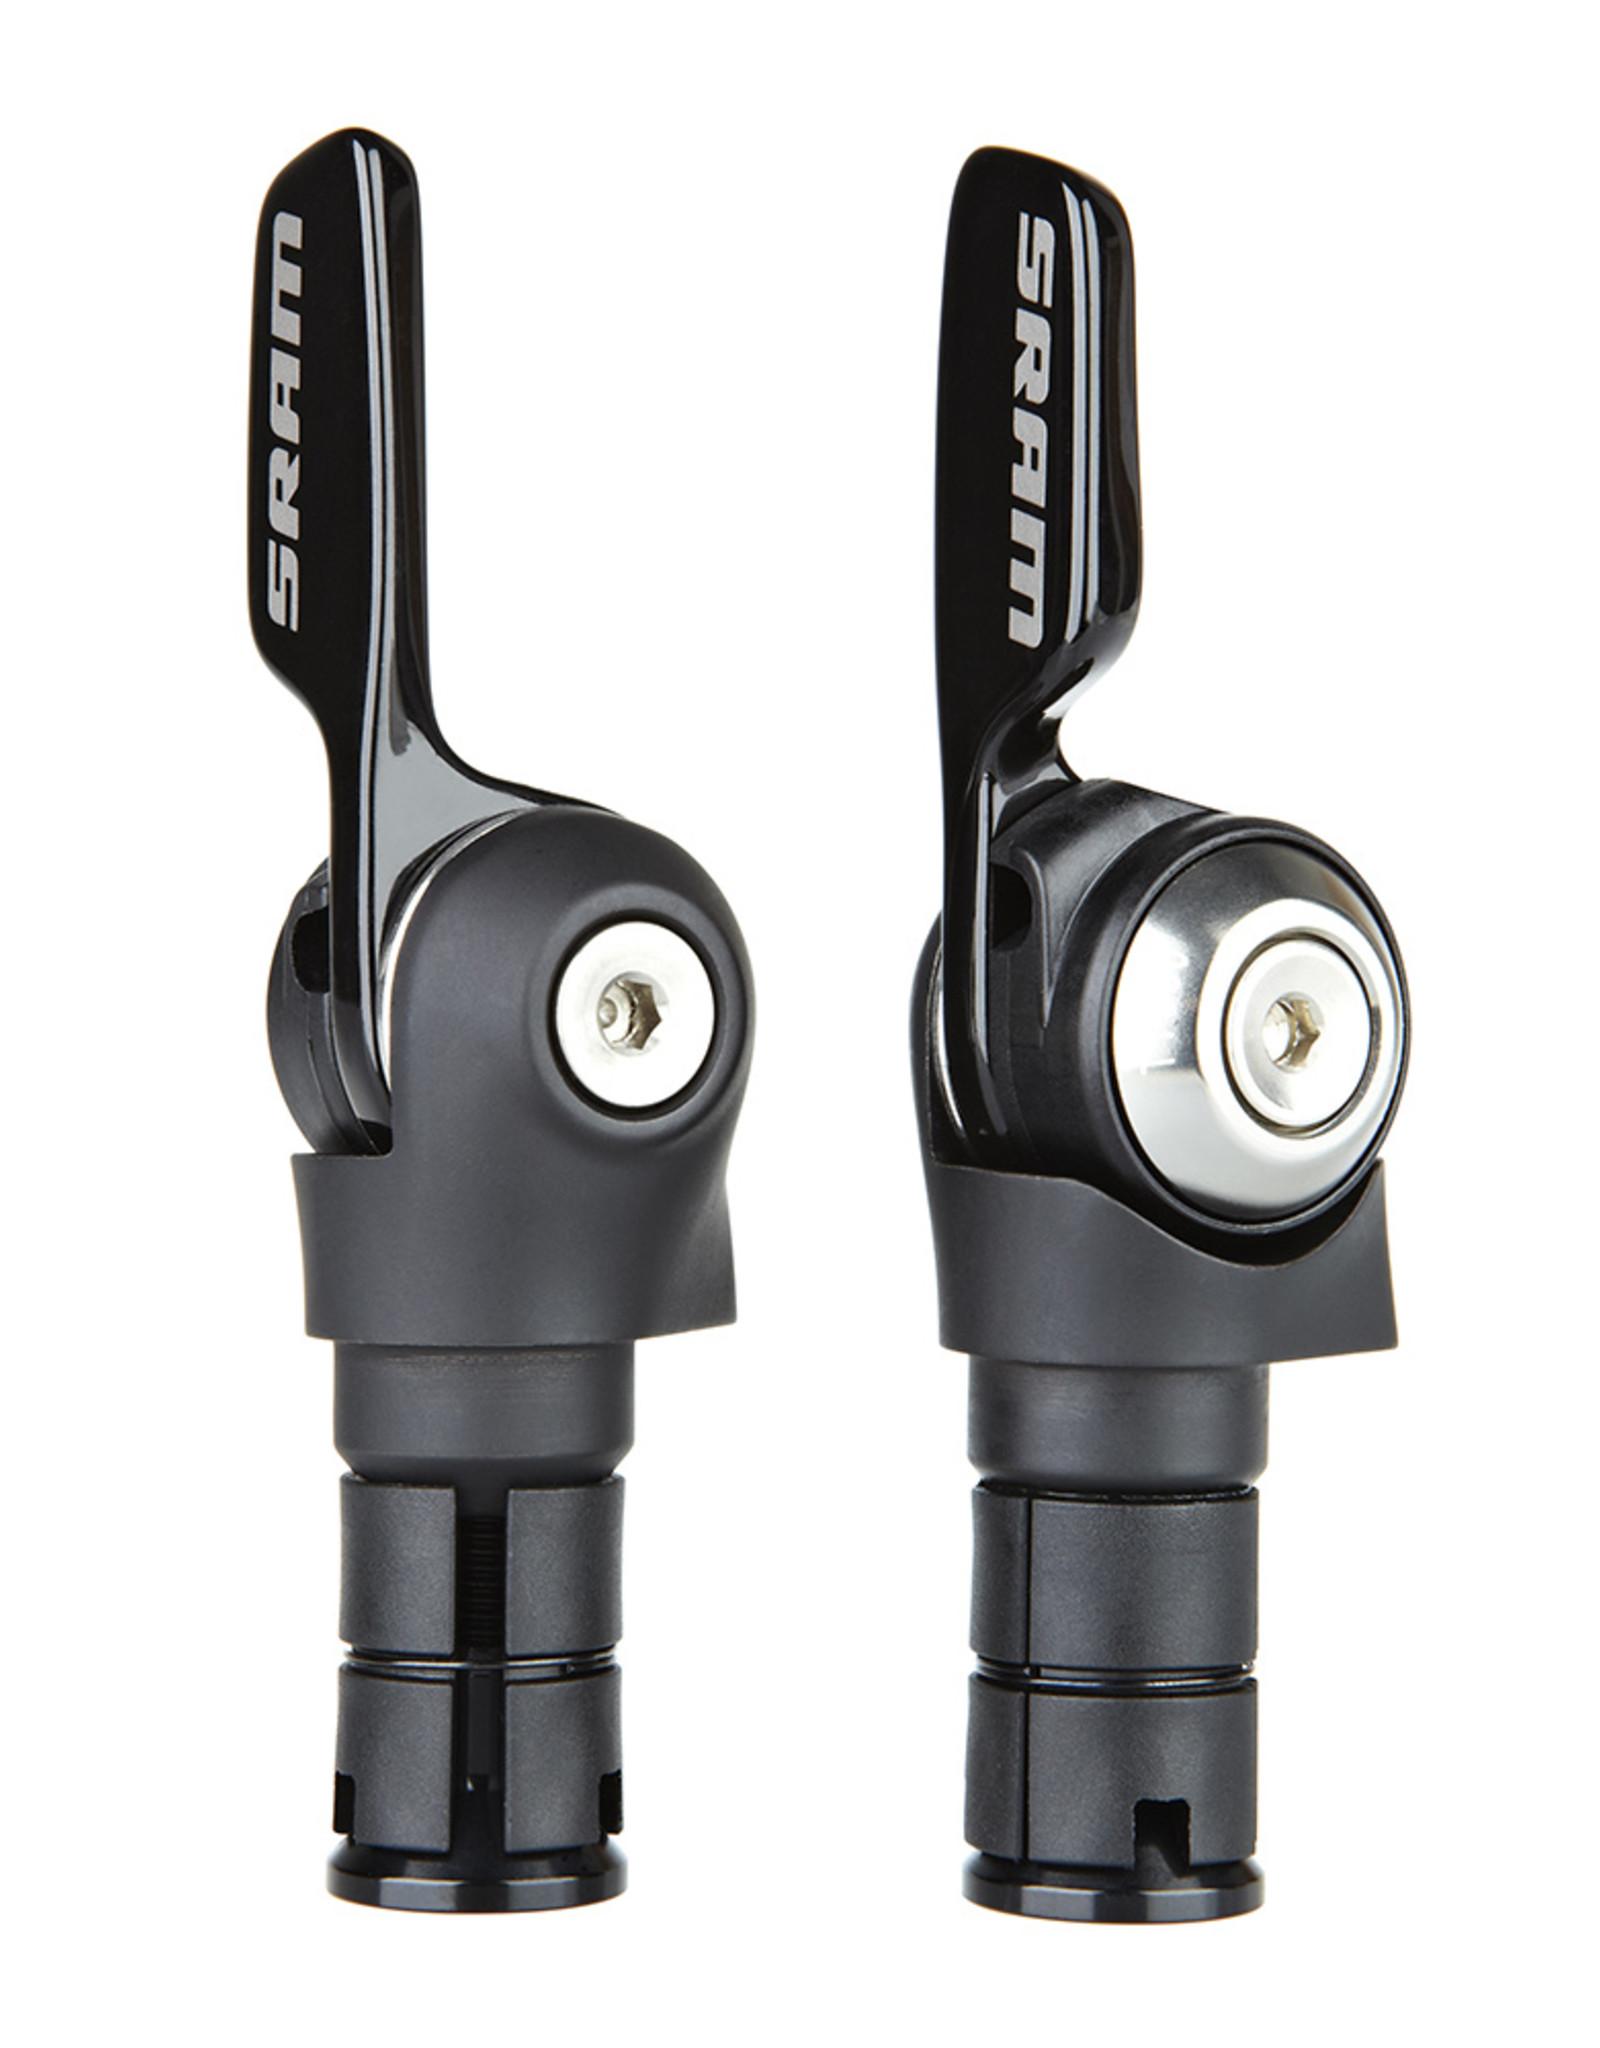 SRAM SRAM SL-500 Aero 10 speed Rear/Friction Front Shifter Set